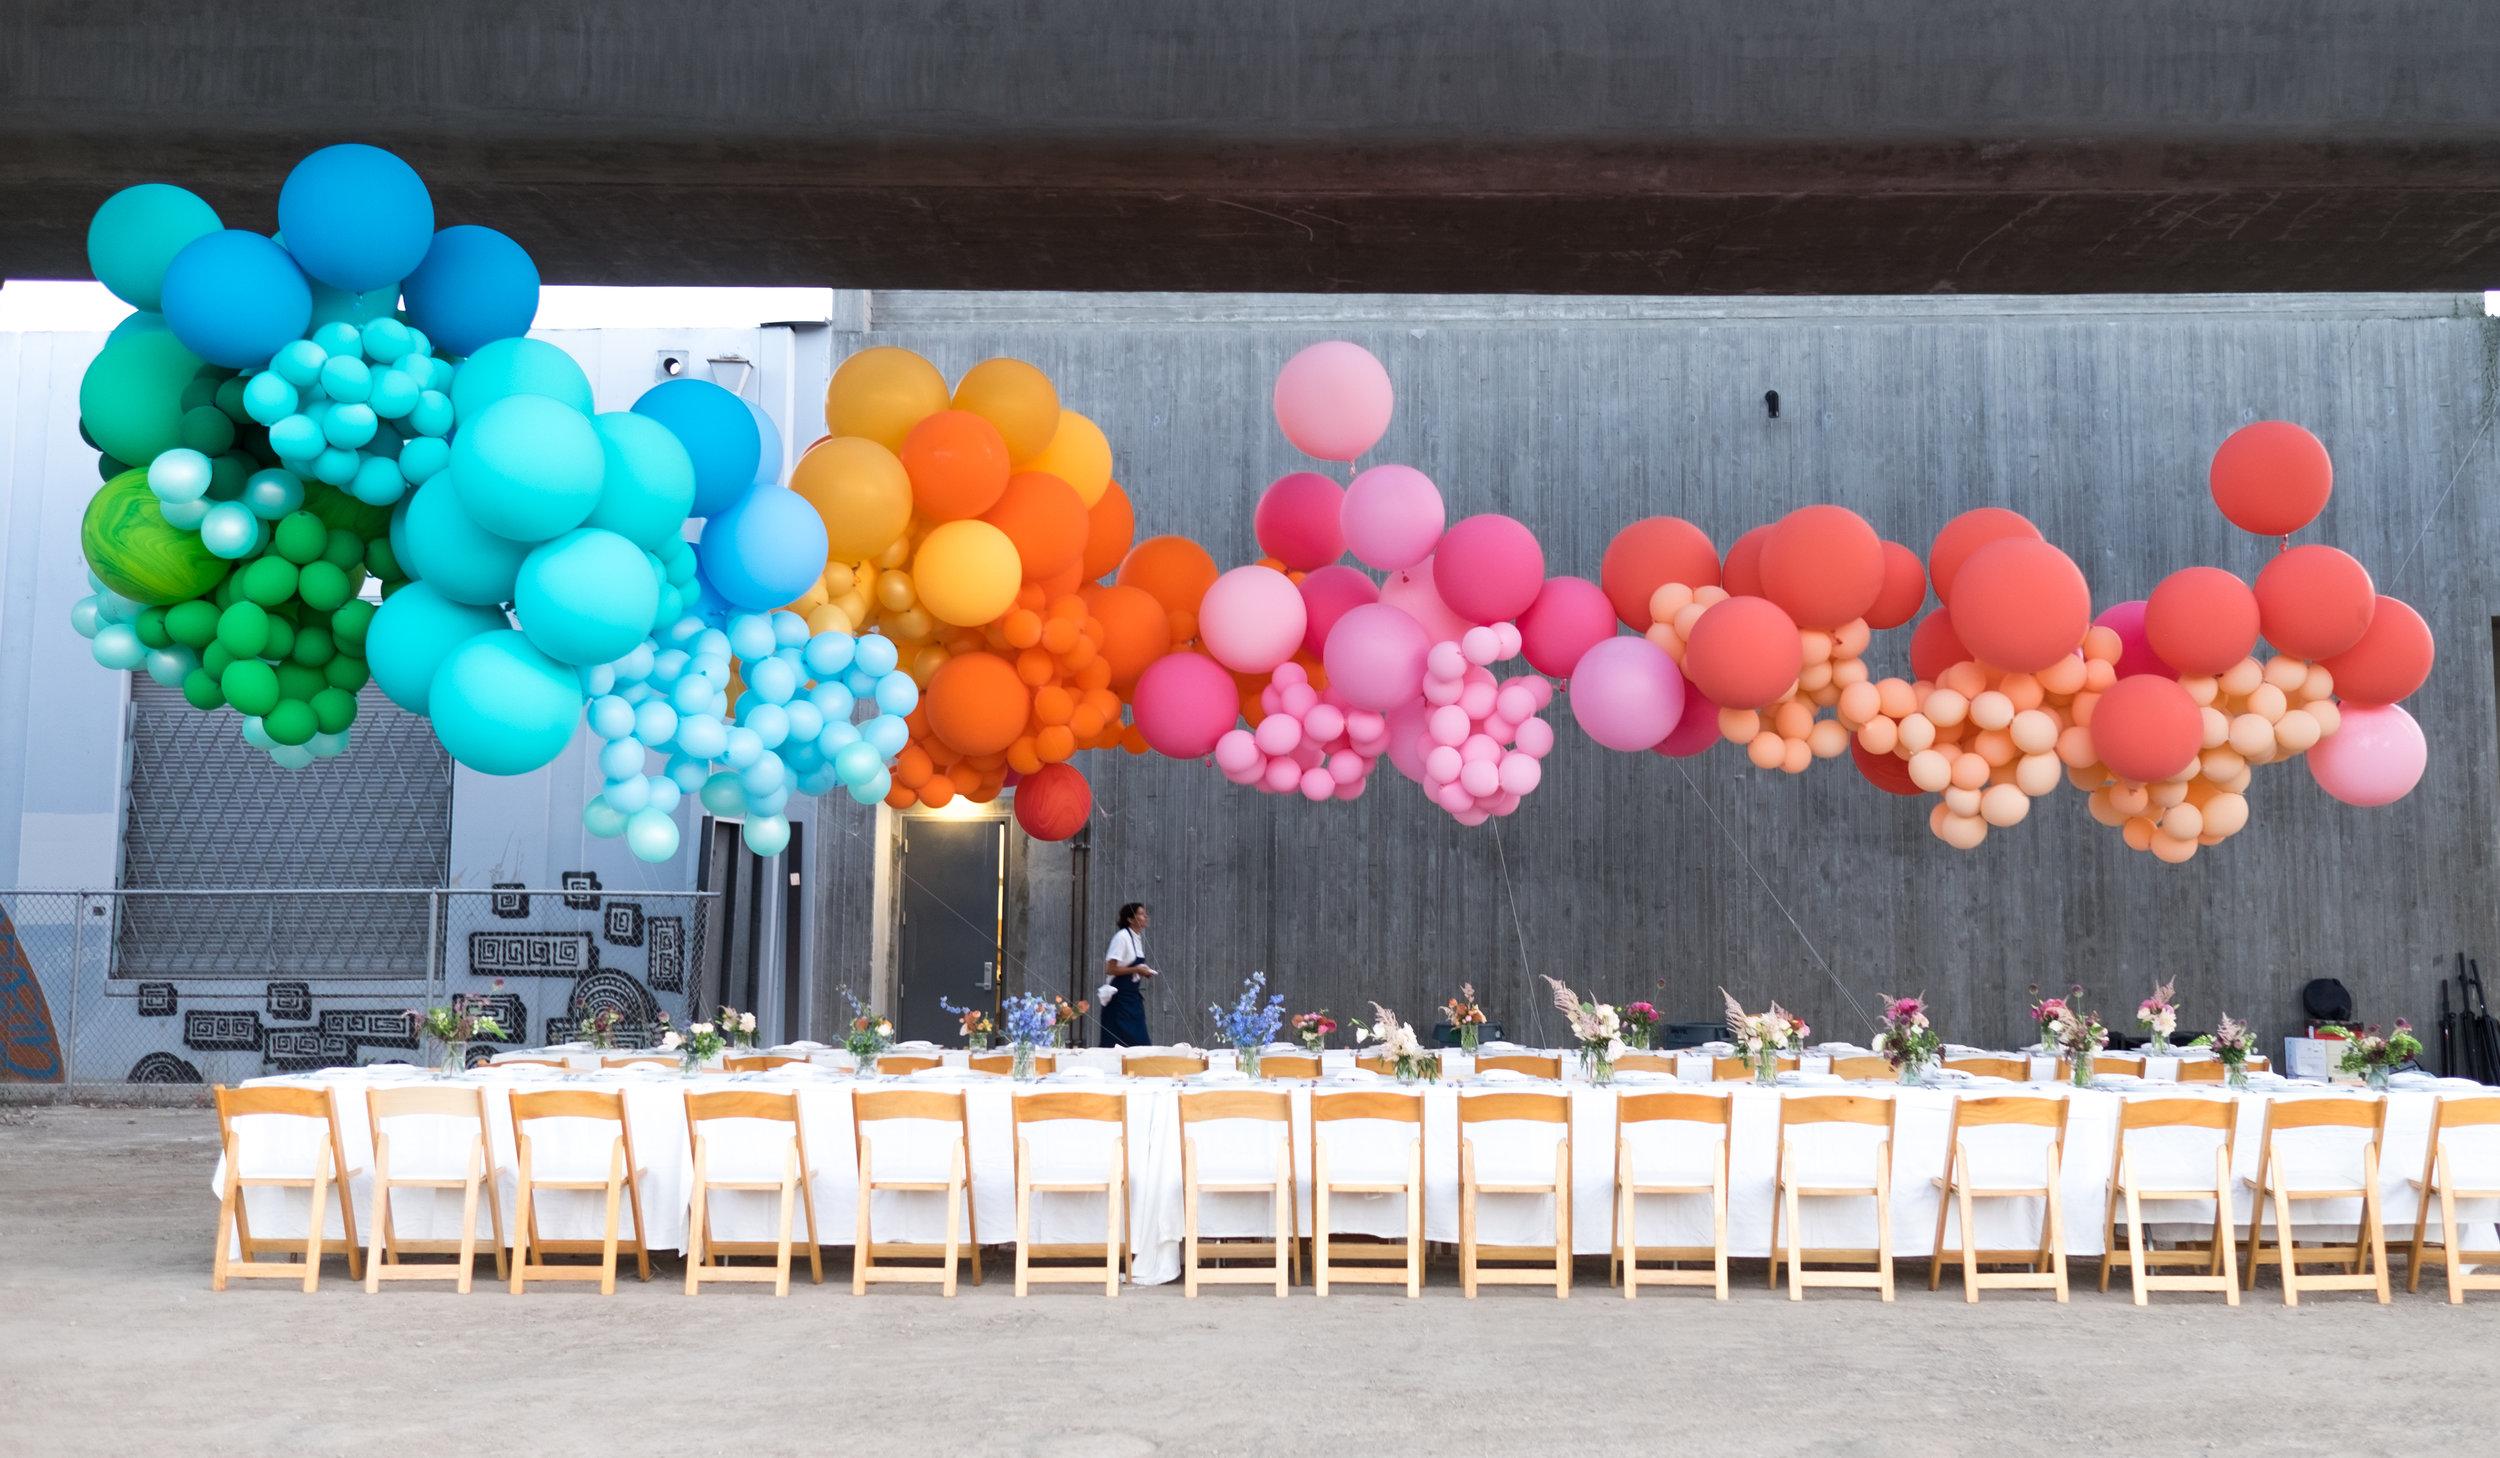 Ballons Upon A Table.jpg